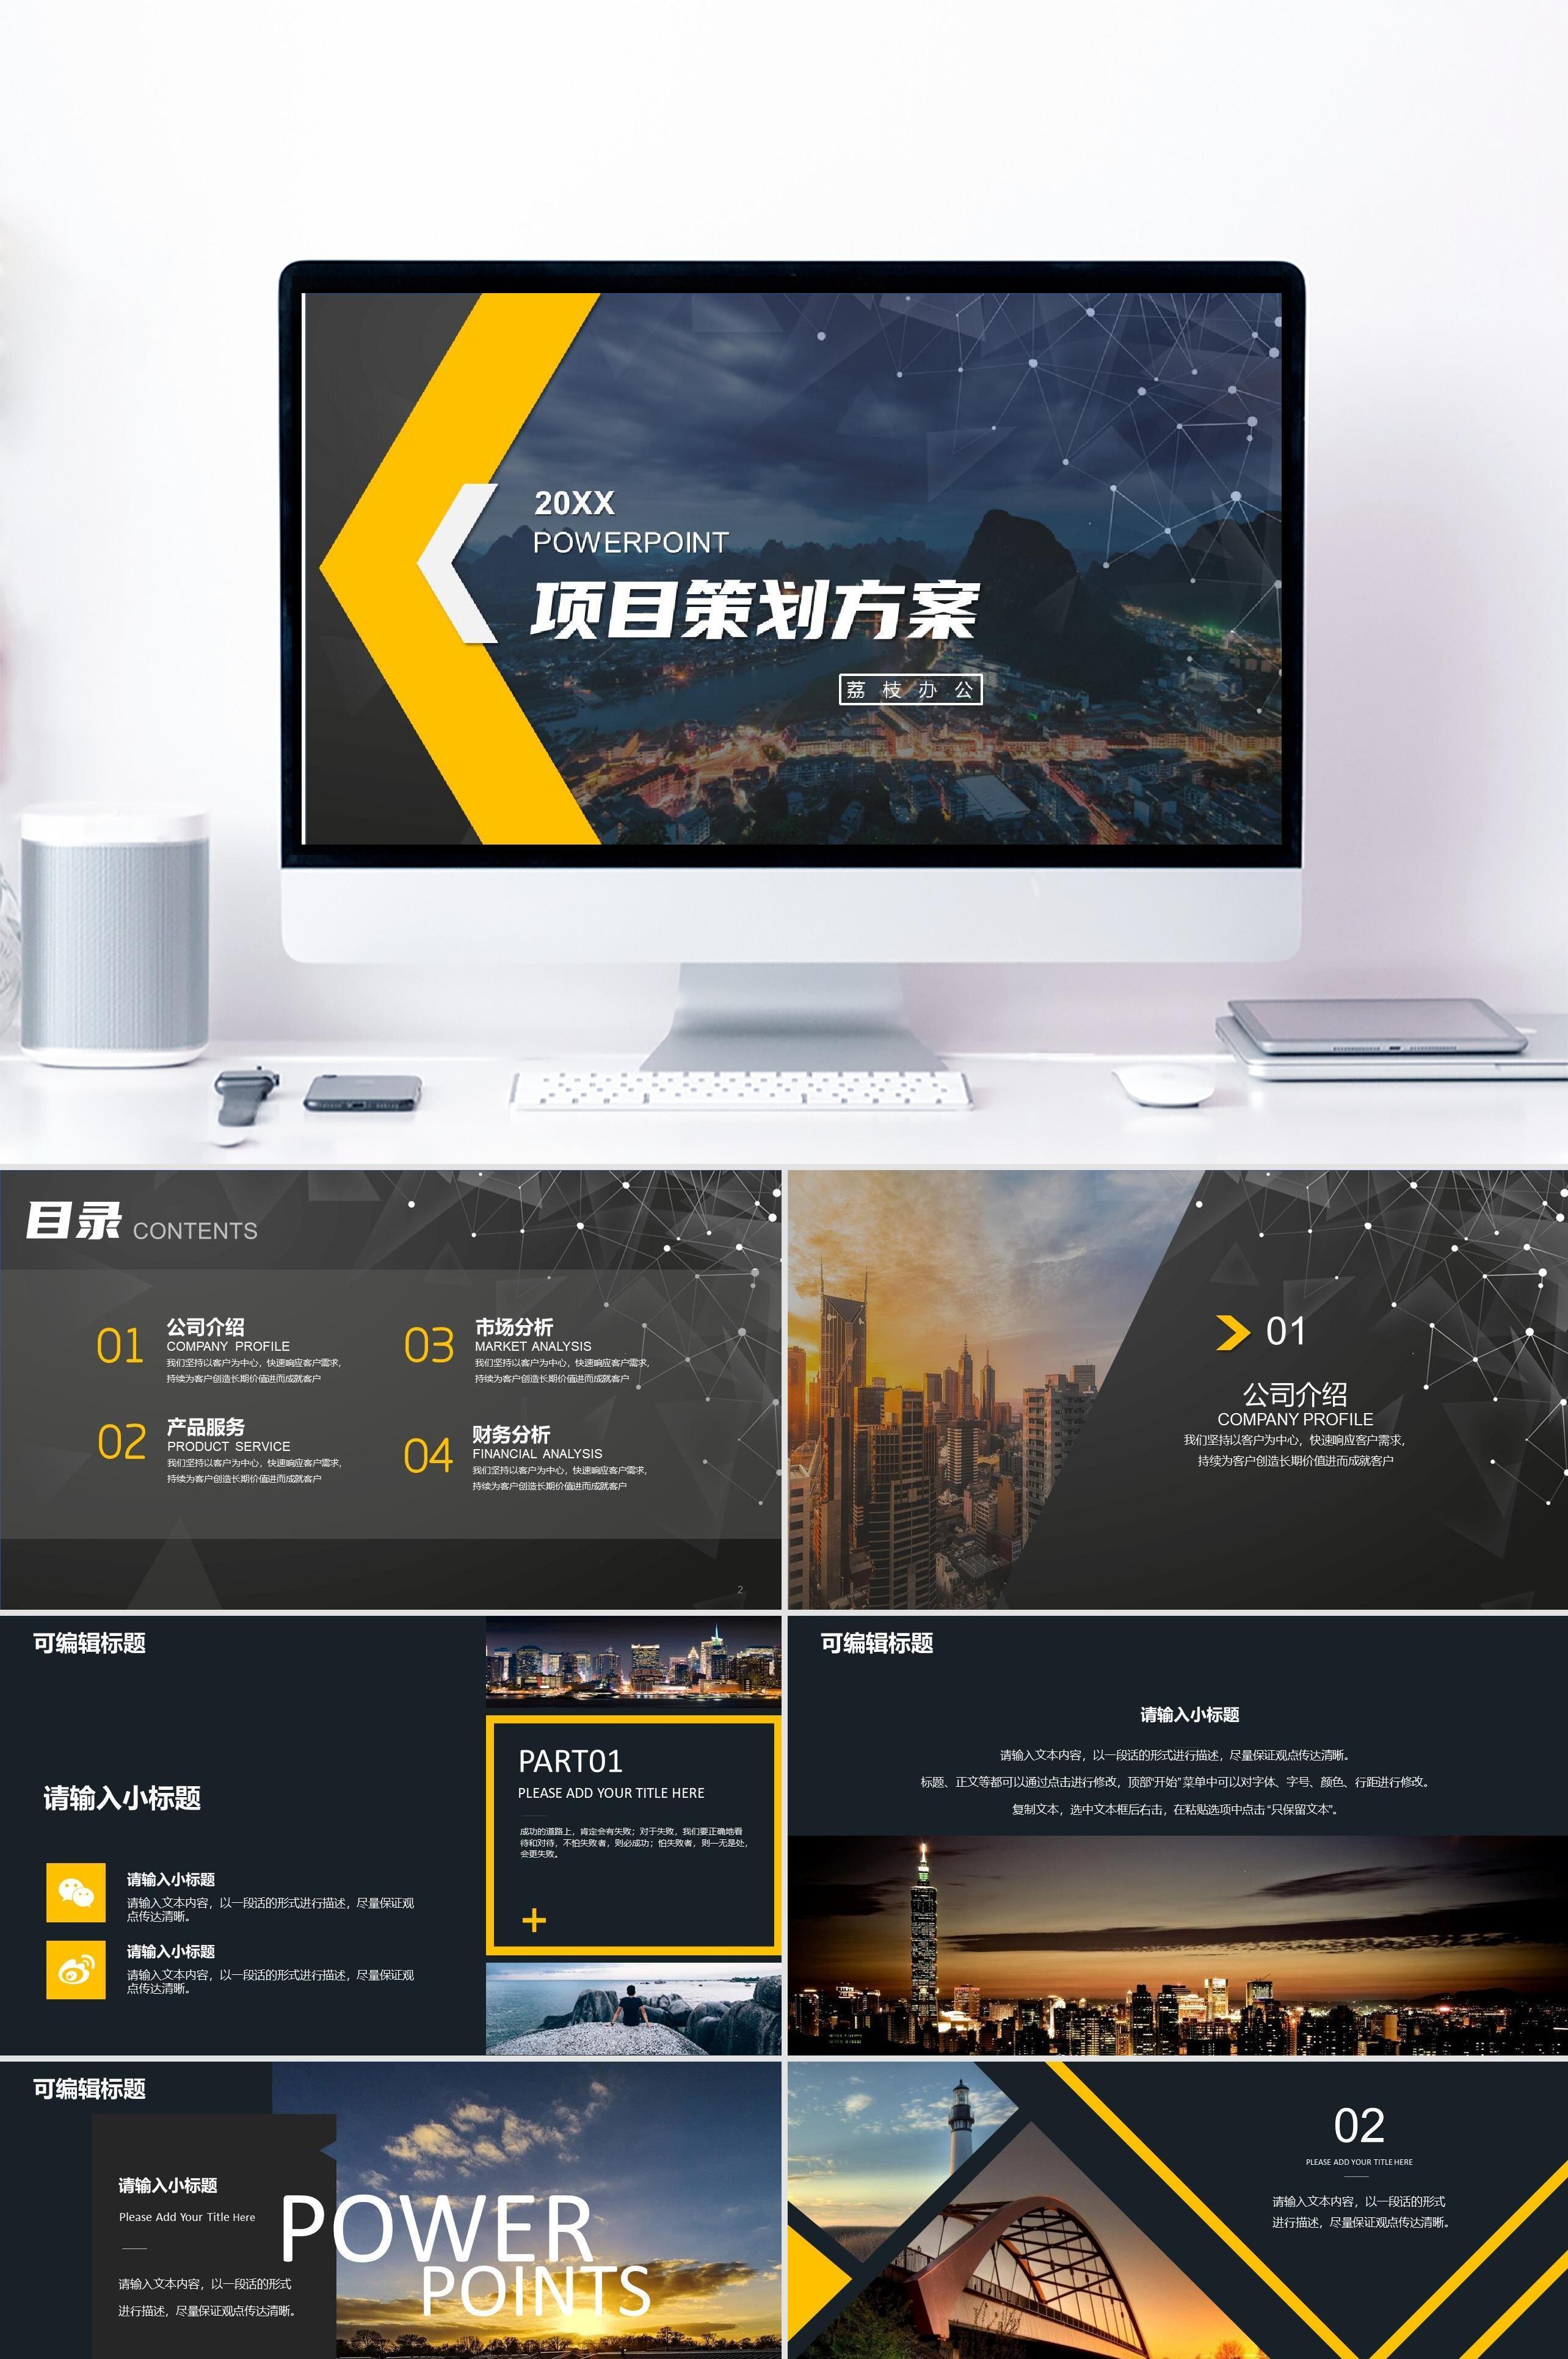 黄黑大气精致简约商务融资项目方案ppt模板